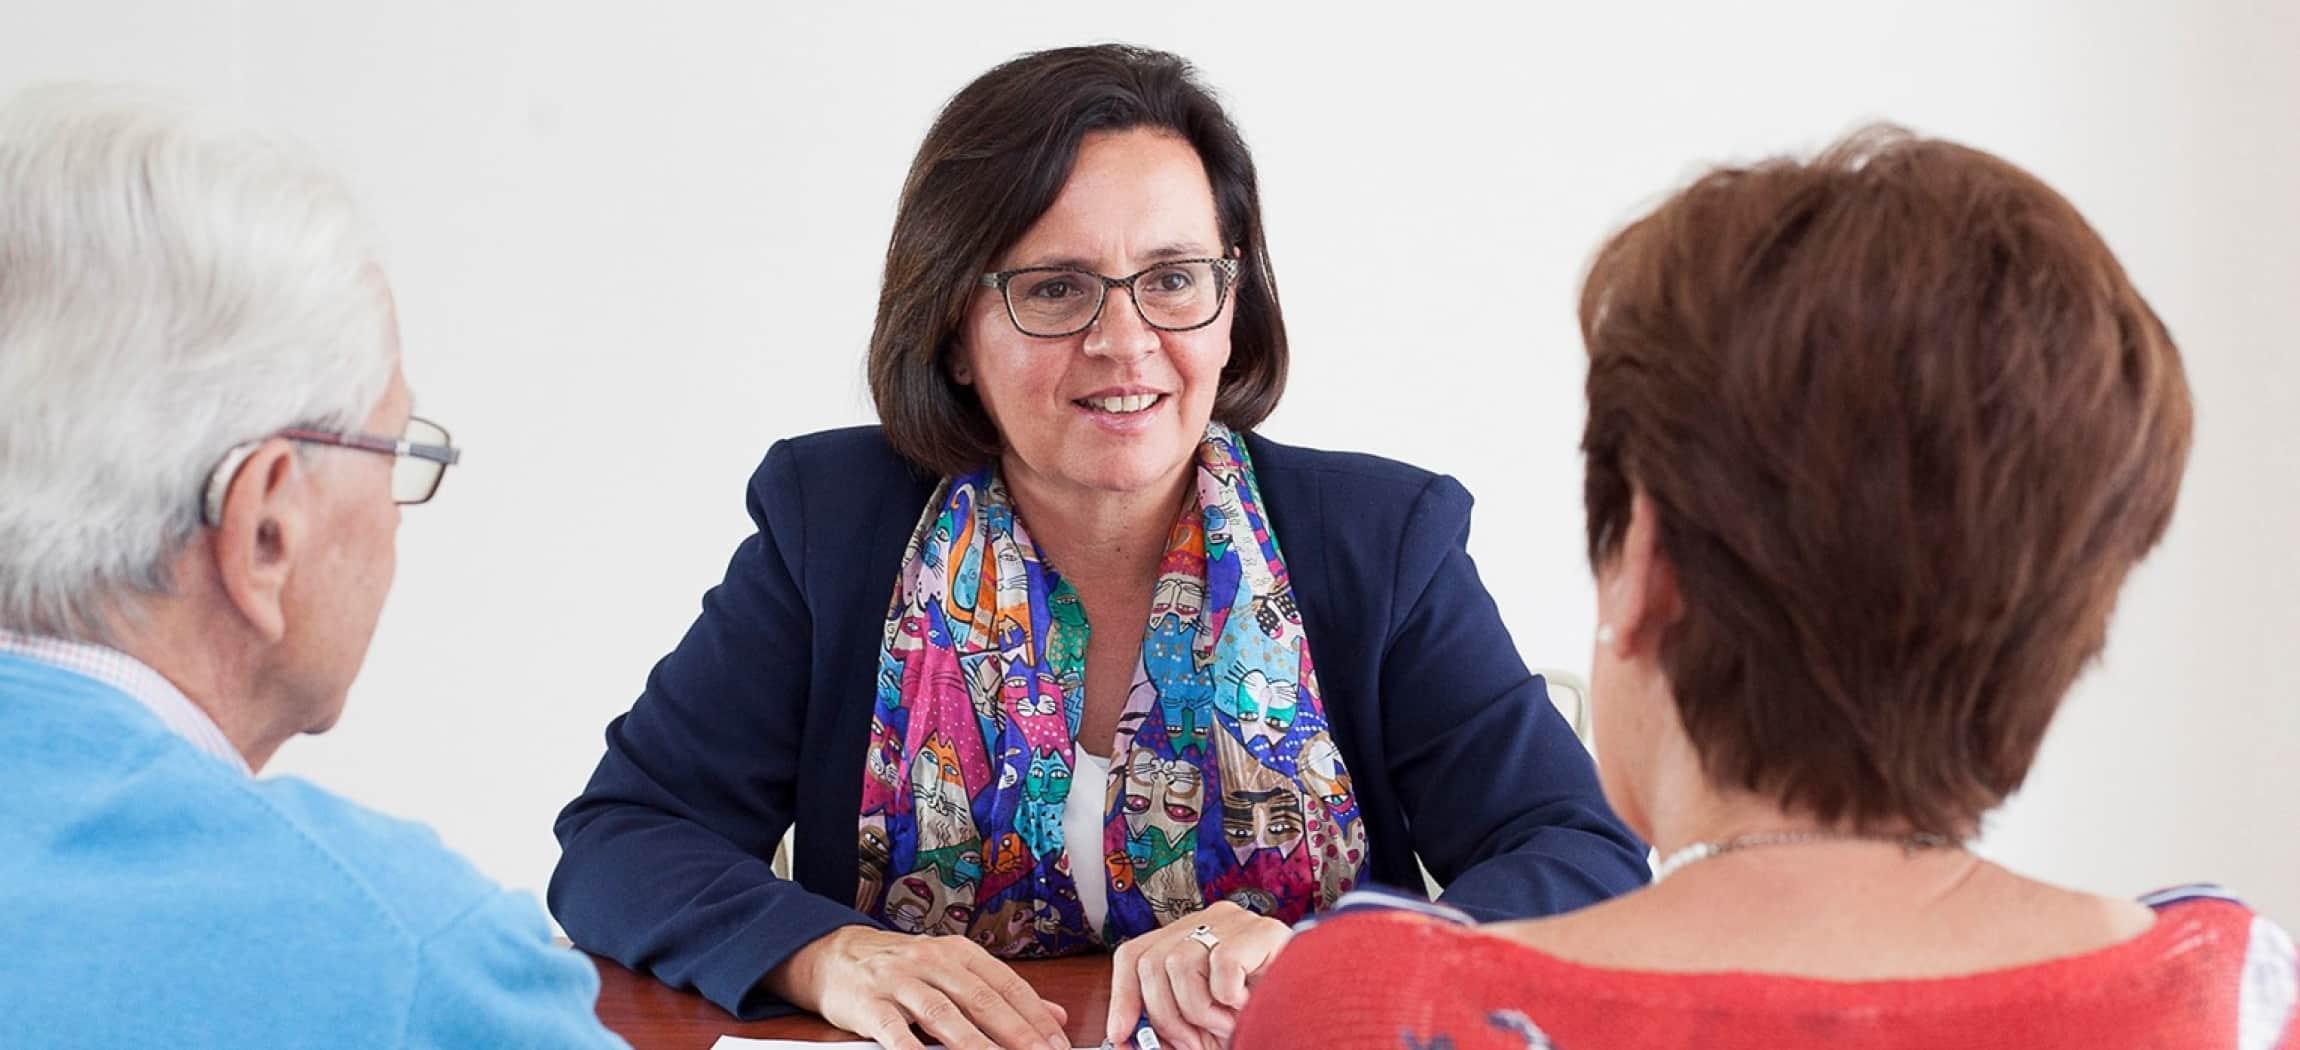 Vrouw met bril en colbertjasje geeft advies advies aan man en vrouw